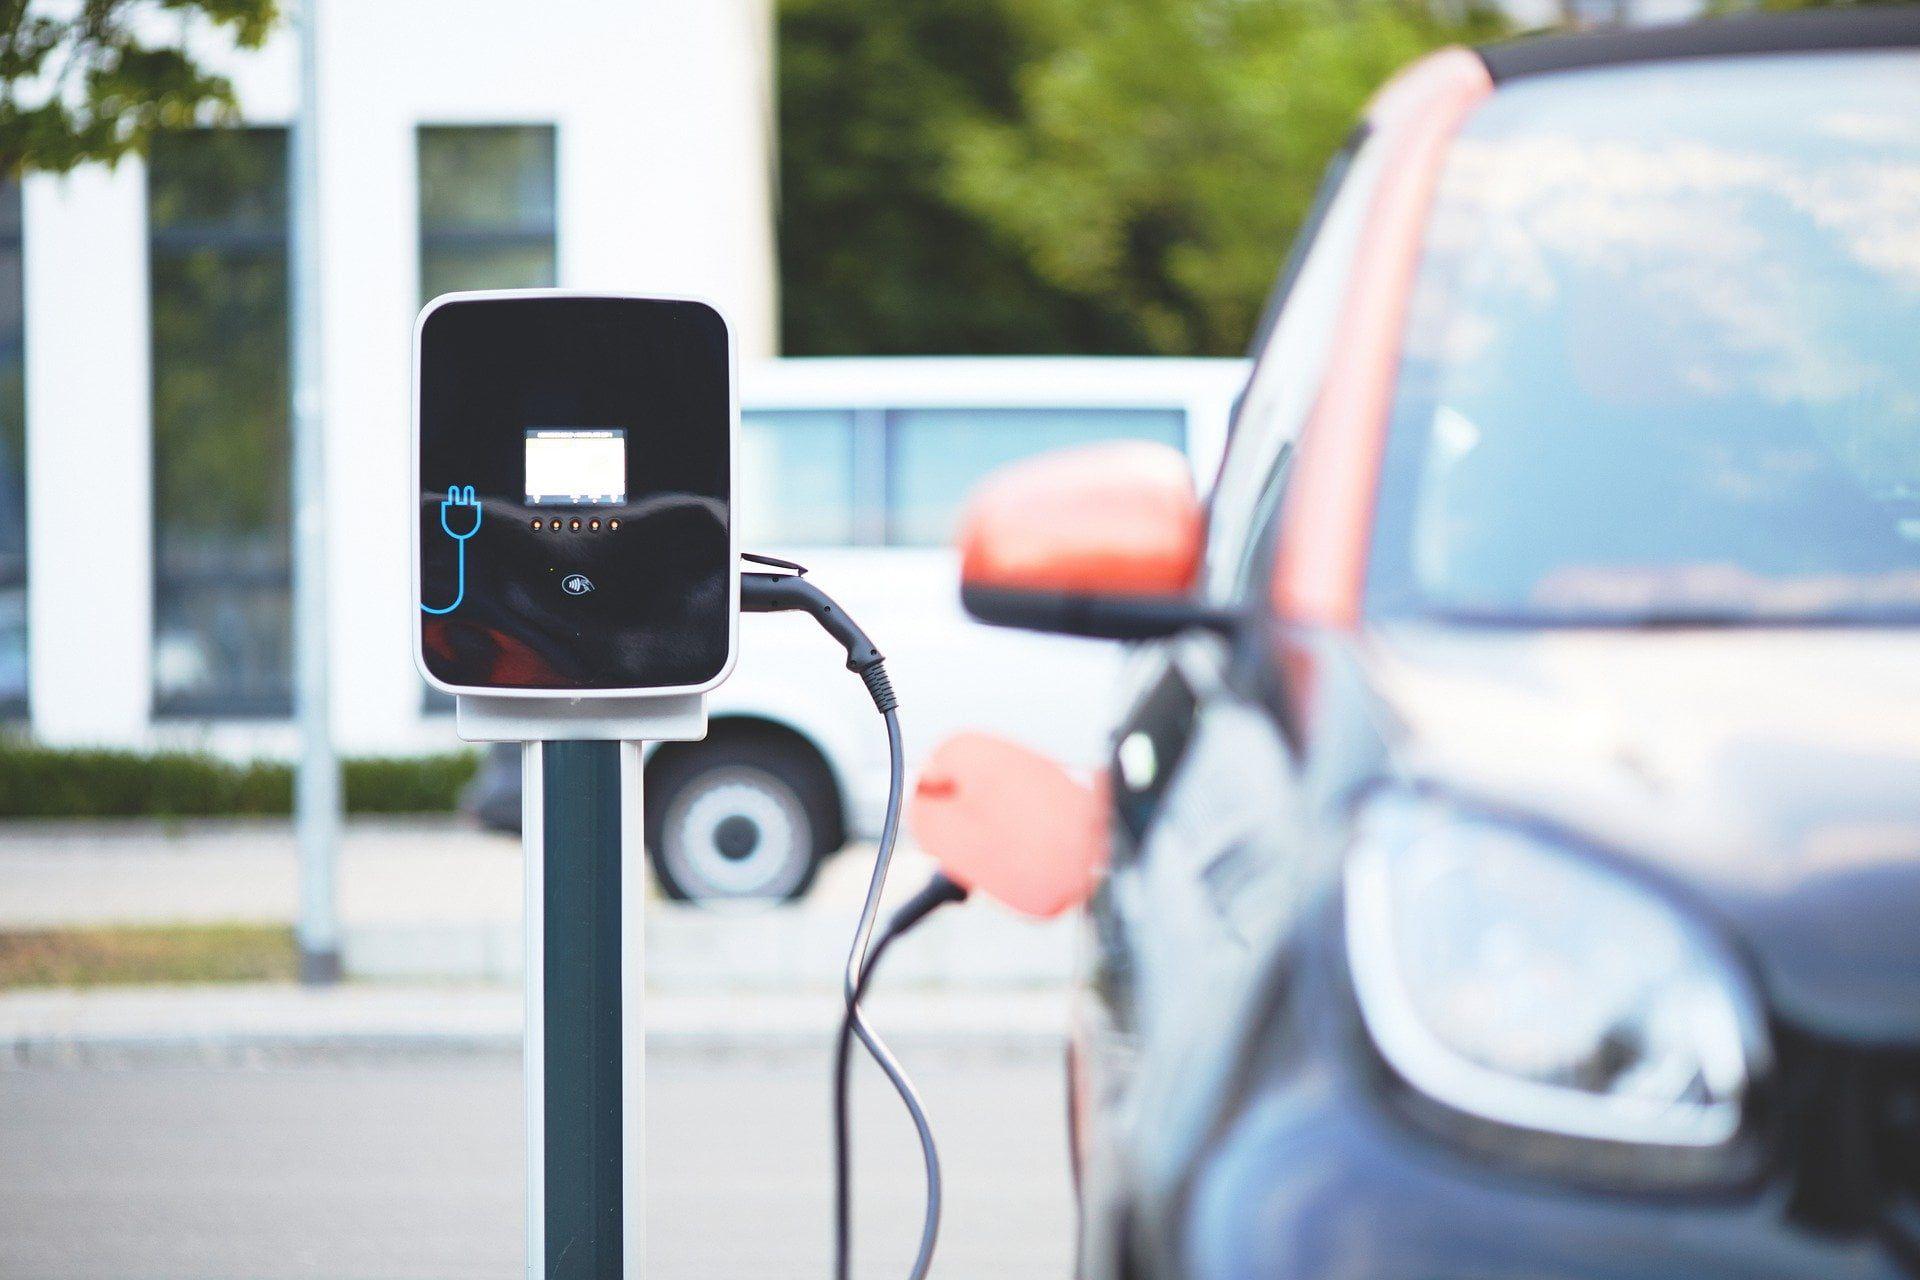 Ładowanie samochodu z instalacji fotowoltaicznej – czy to się opłaca?